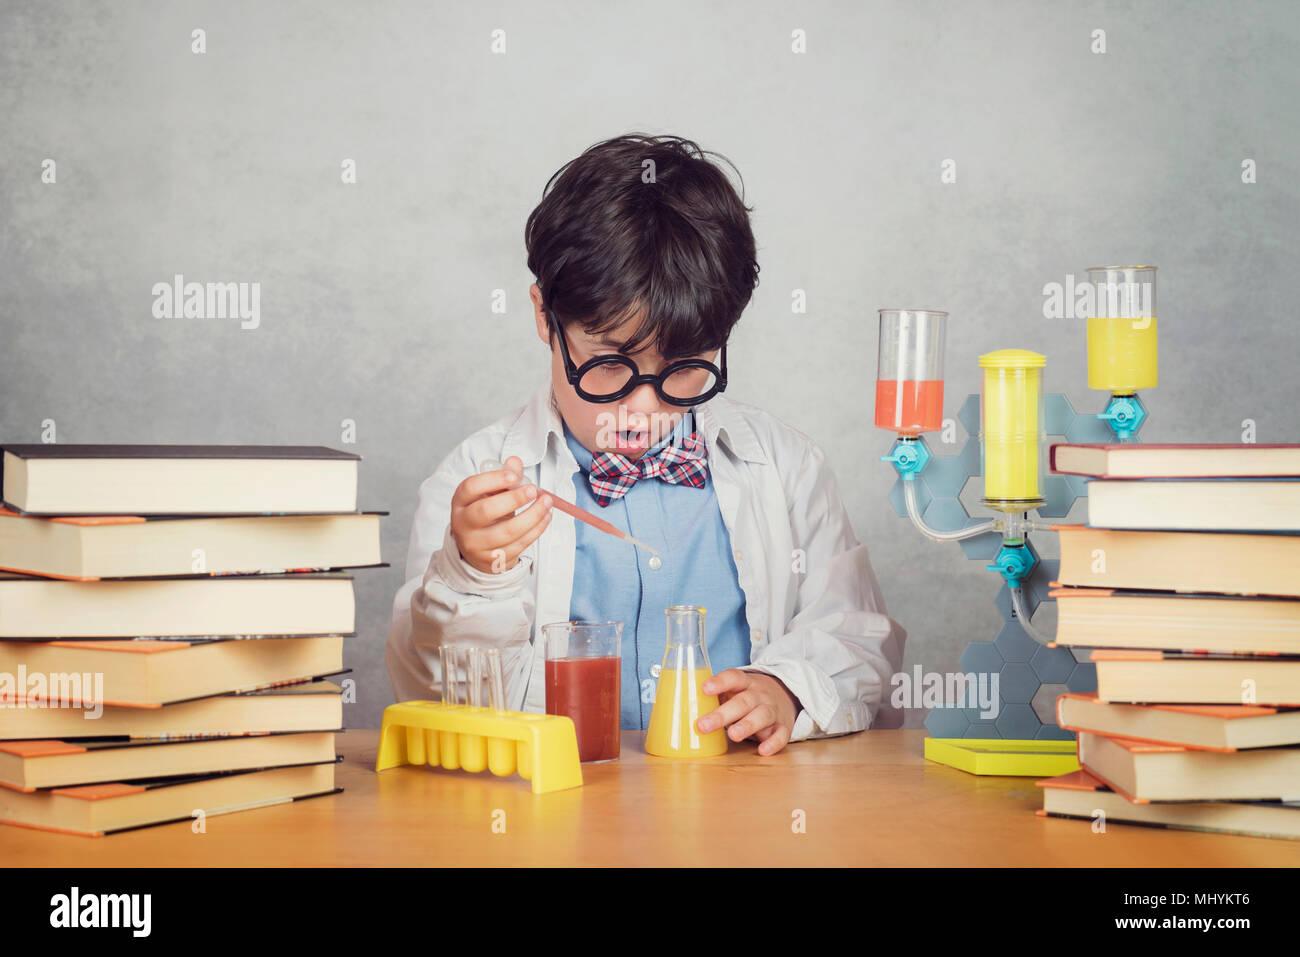 Garçon fait des expériences scientifiques dans un laboratoire sur fond gris Photo Stock